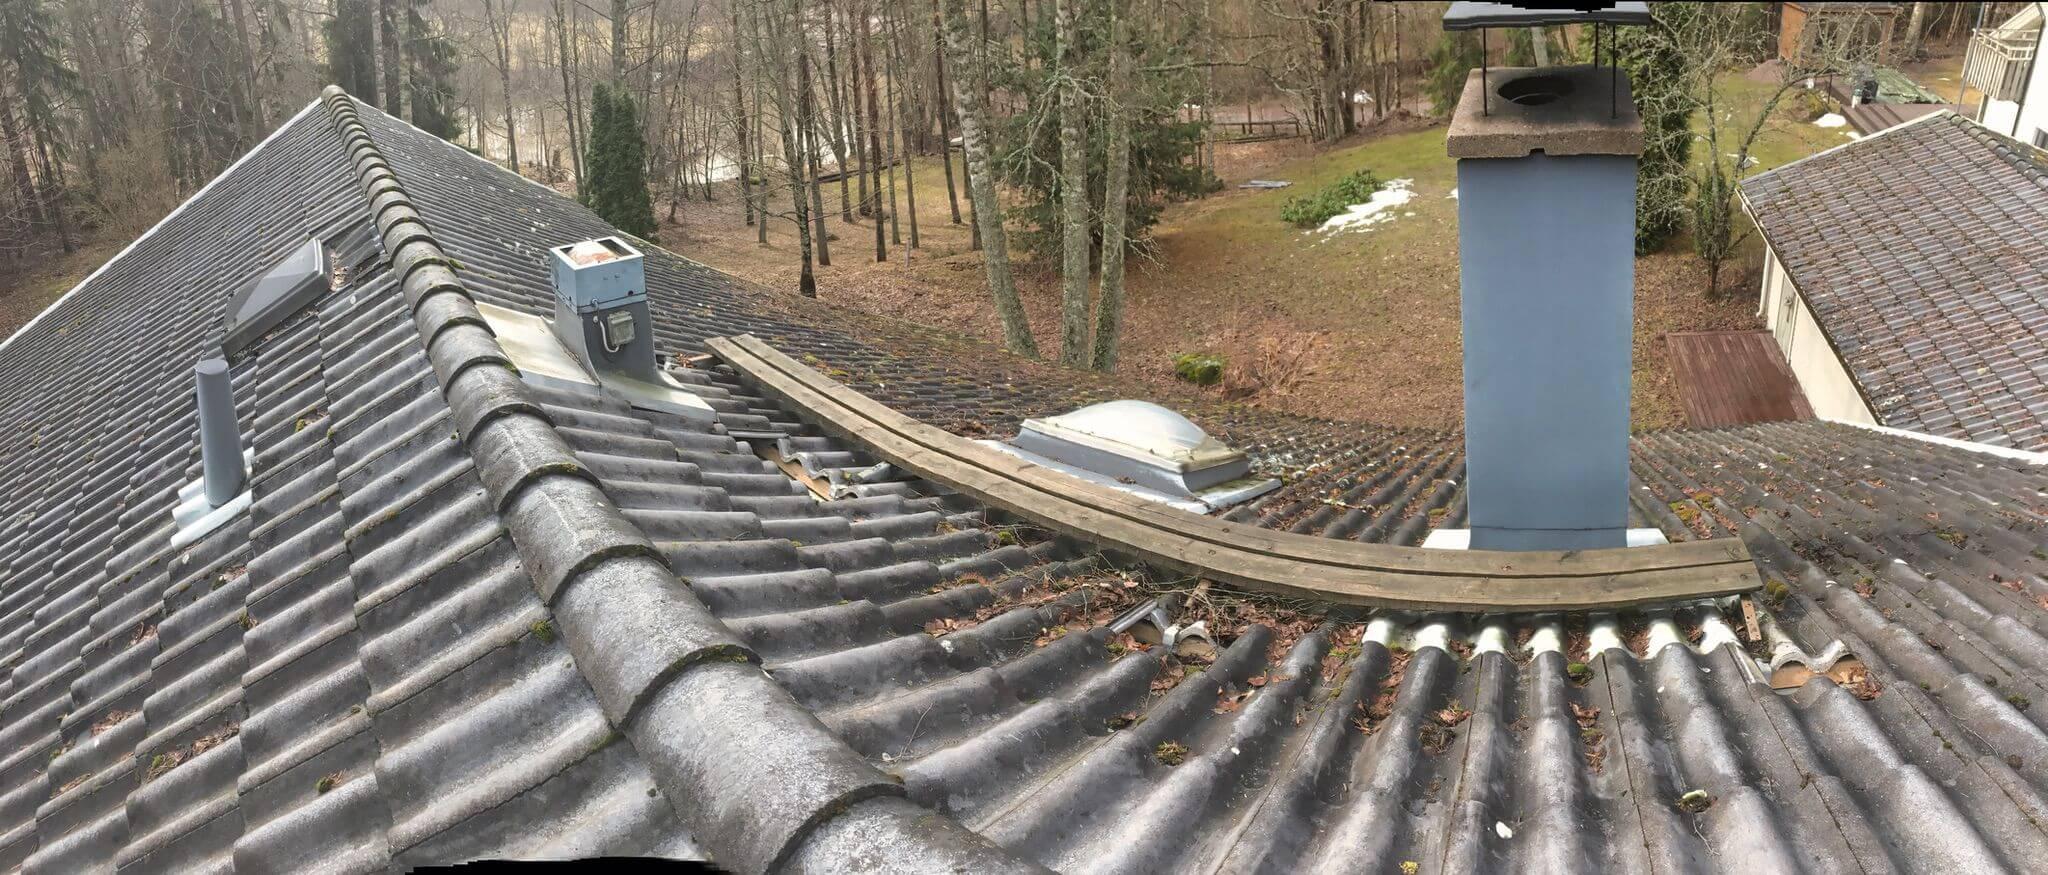 Kattoturvatuotteet - ennen asennusta